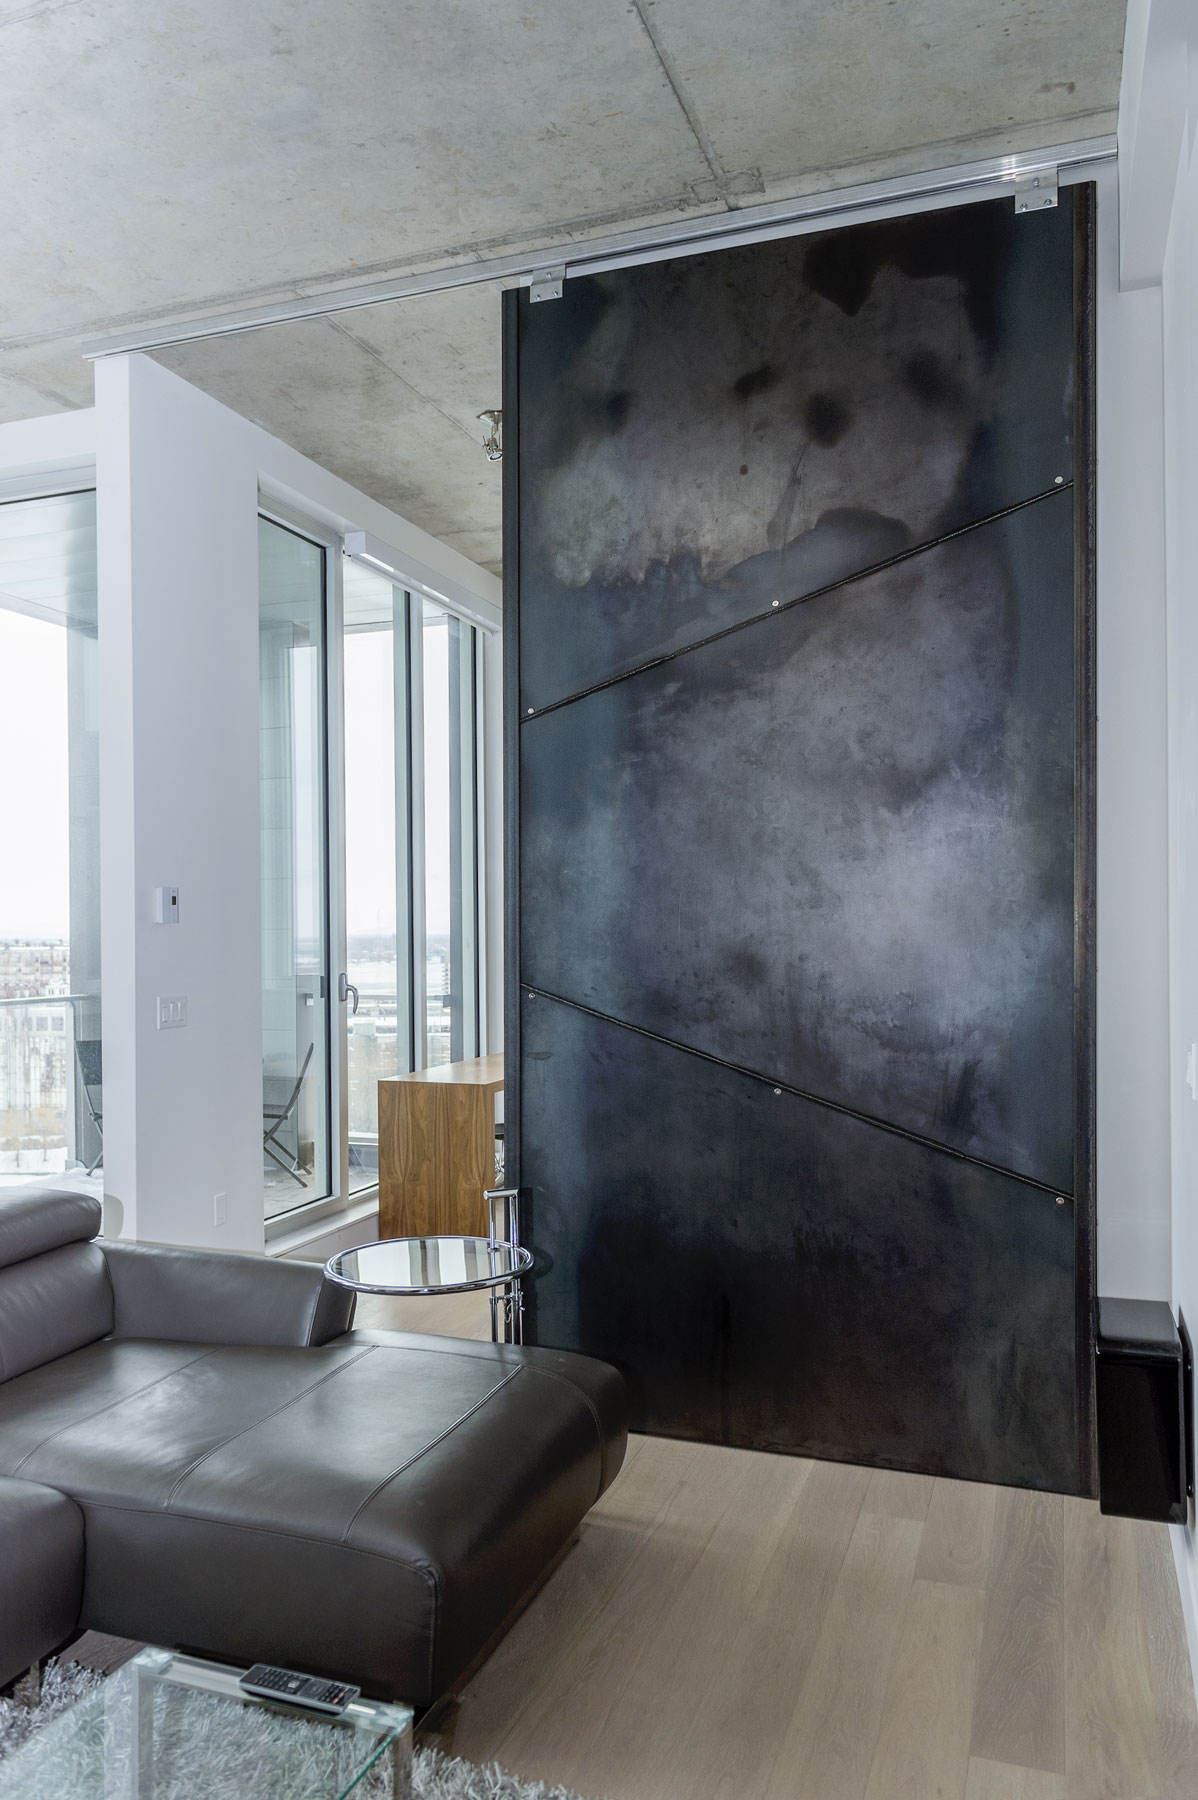 Porte coulissante 5' x 12' recouverte de panneaux d'acier brute